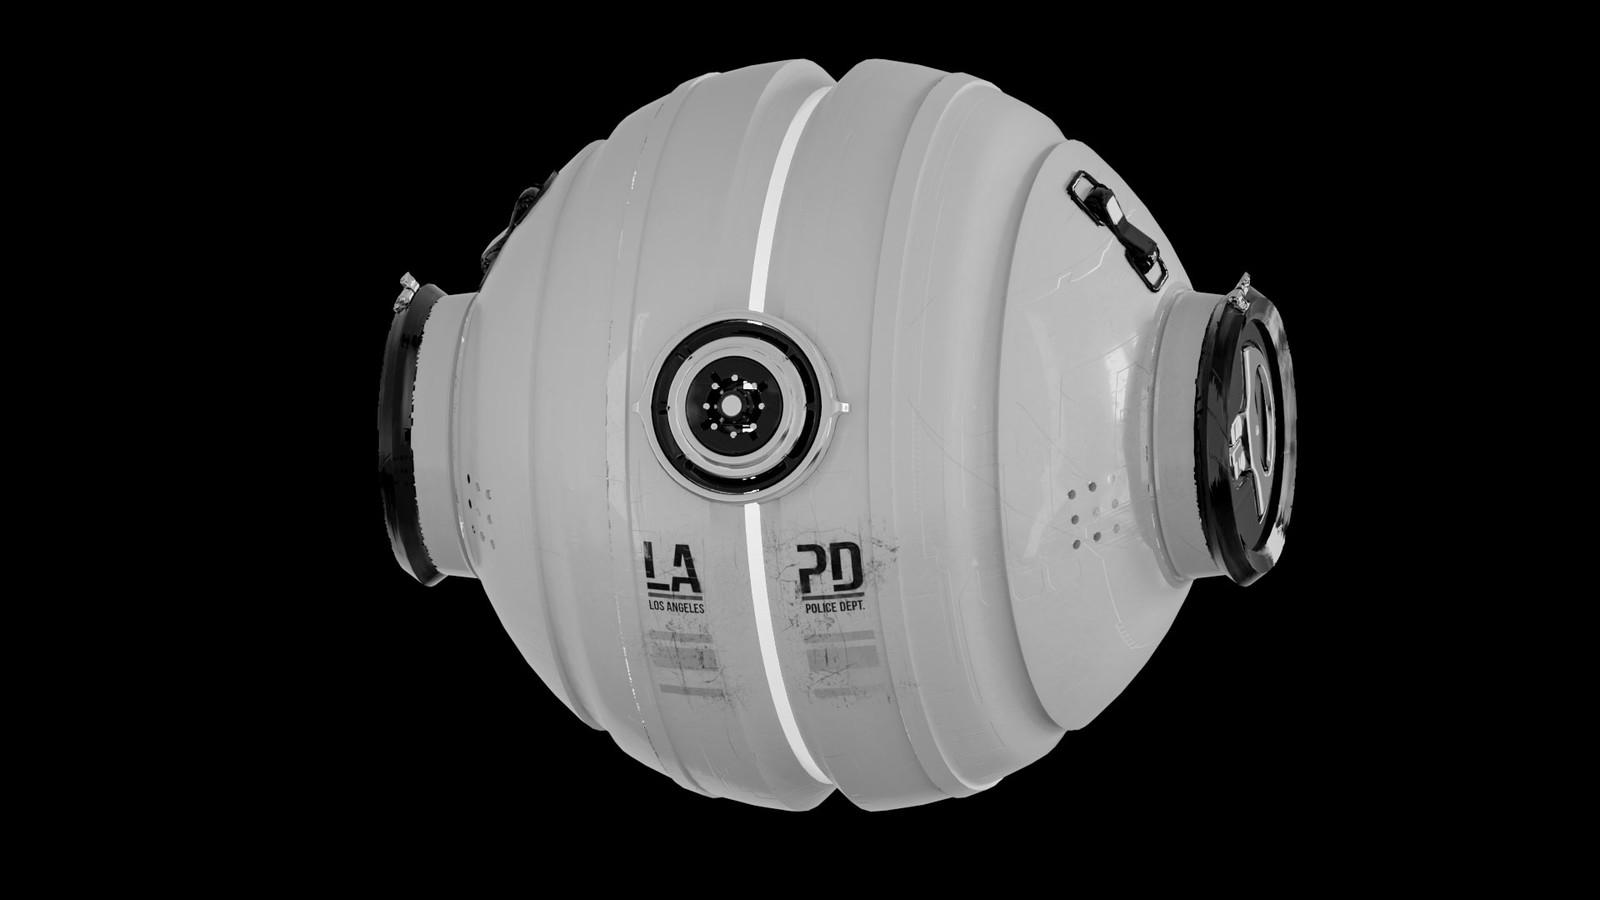 LAPD // DRONE CONCEPT